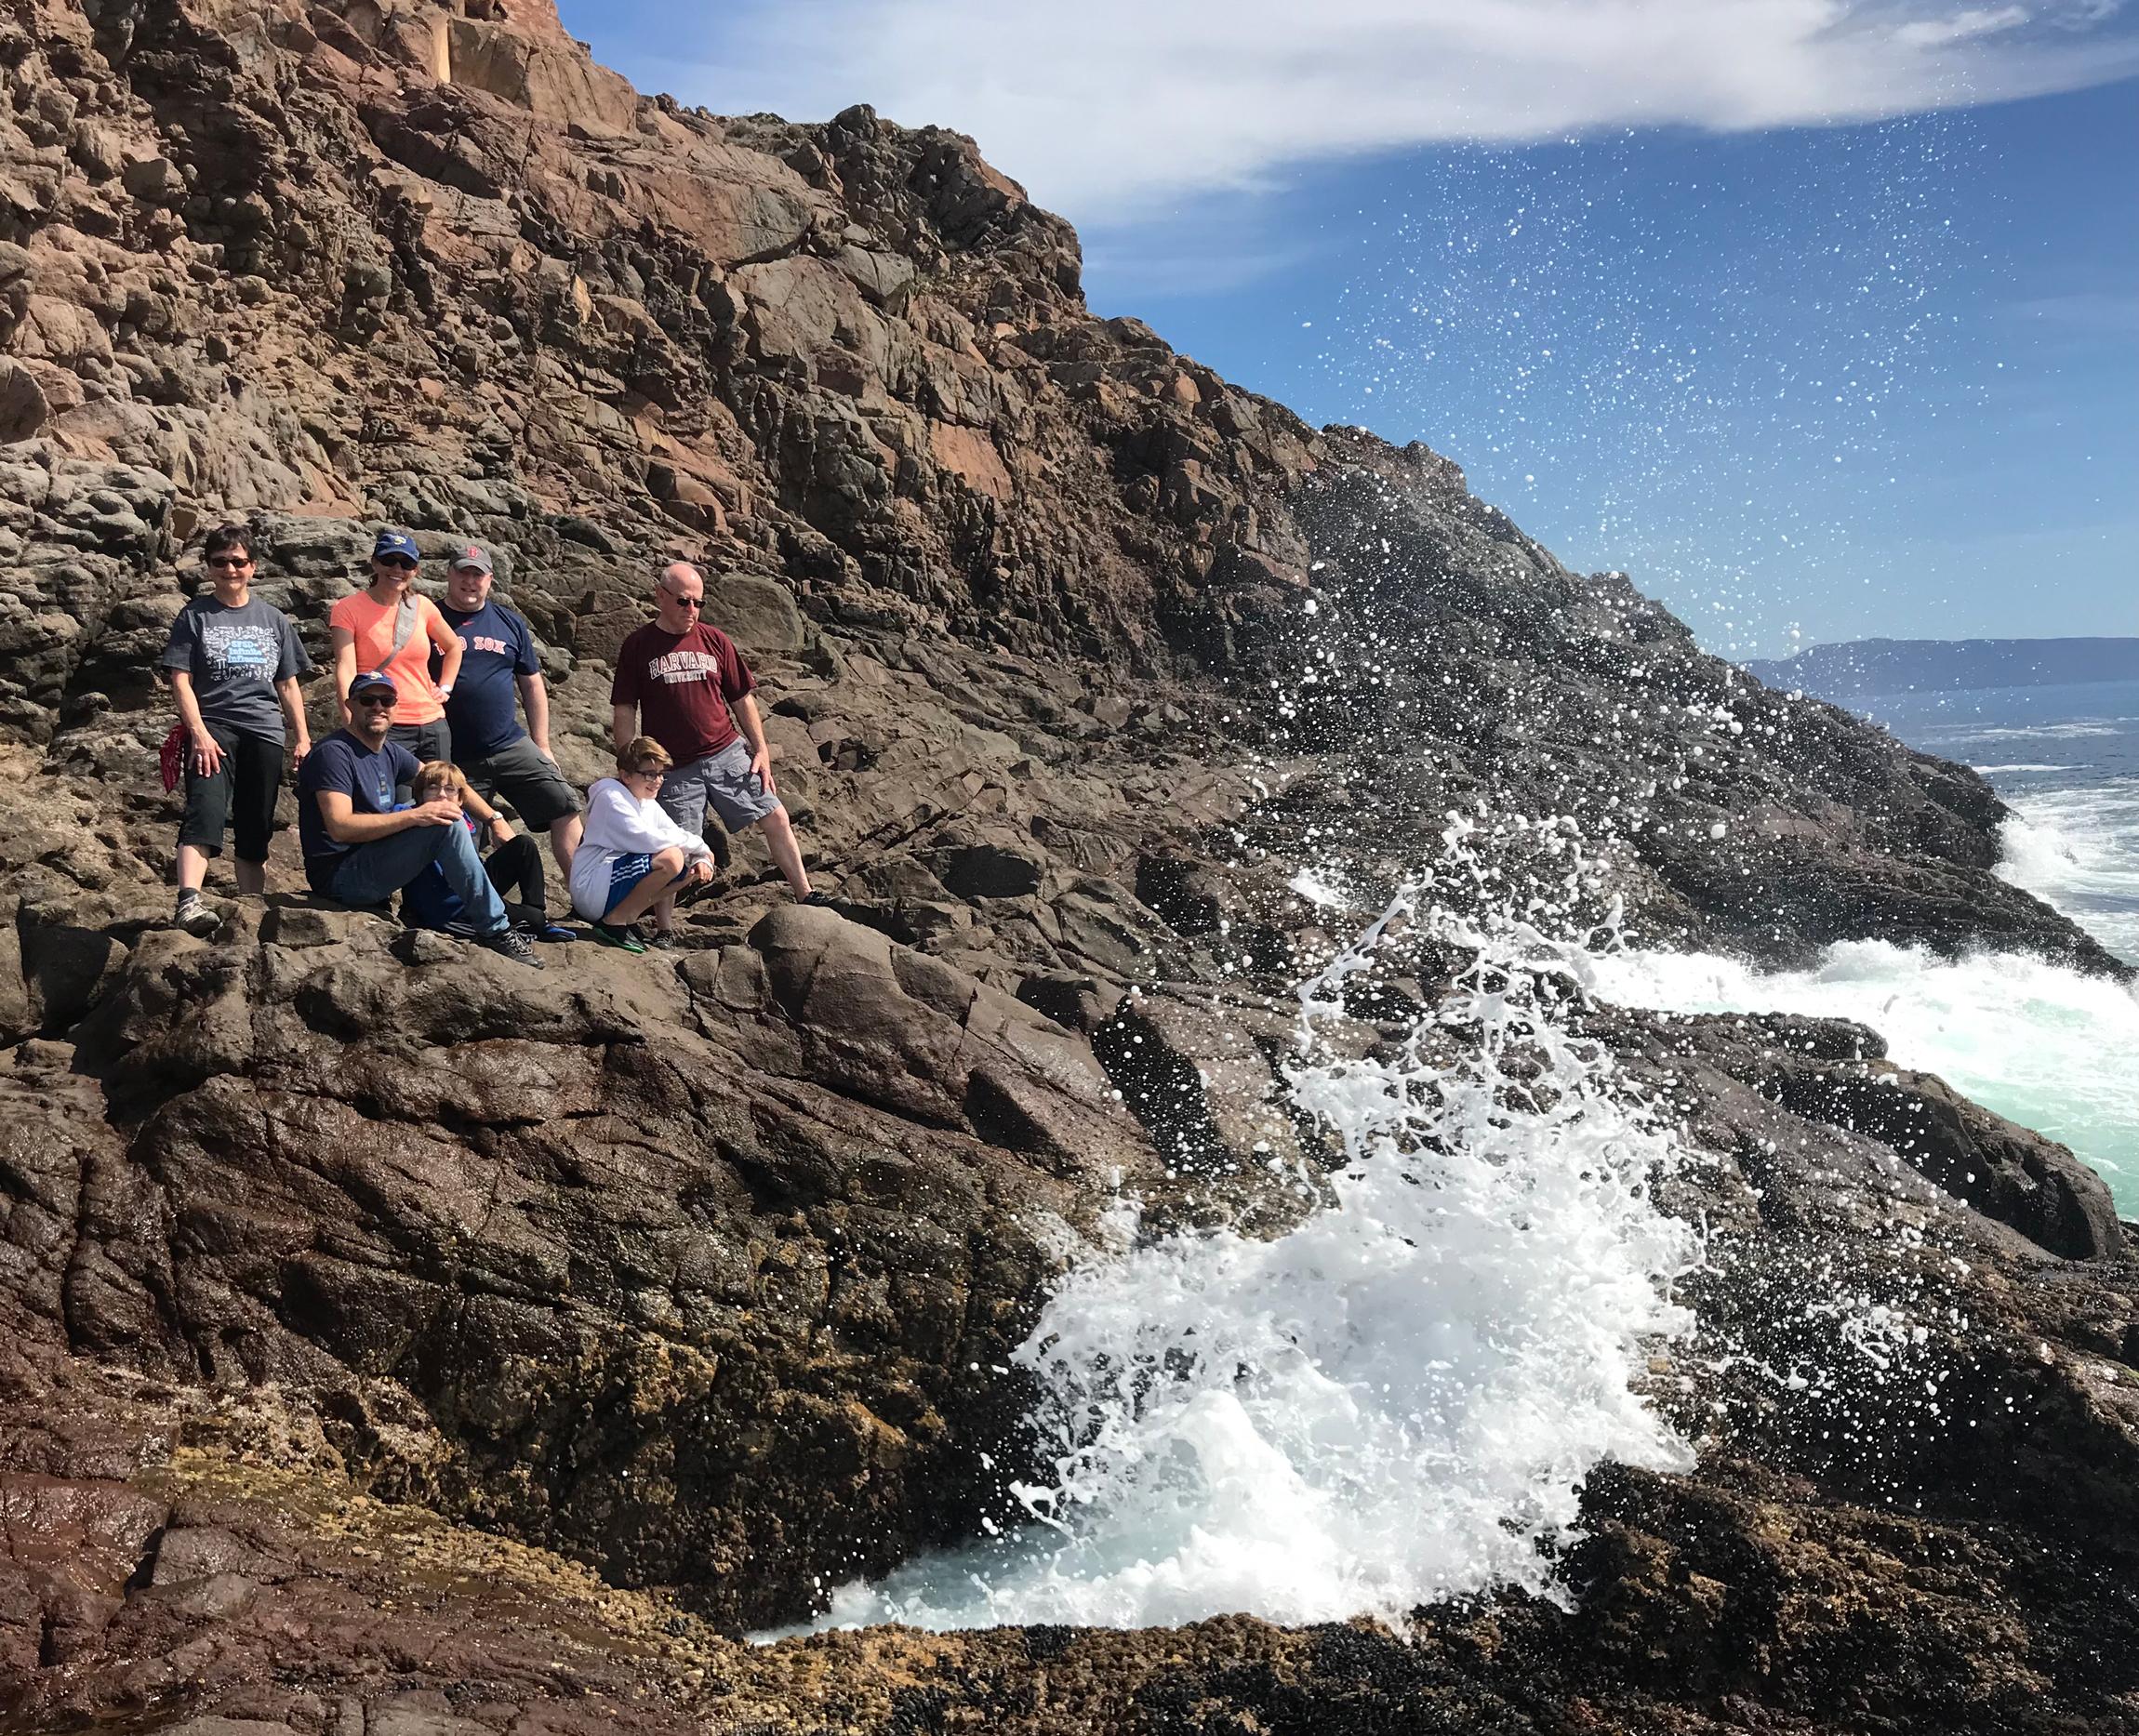 our own backyard marine geyser!